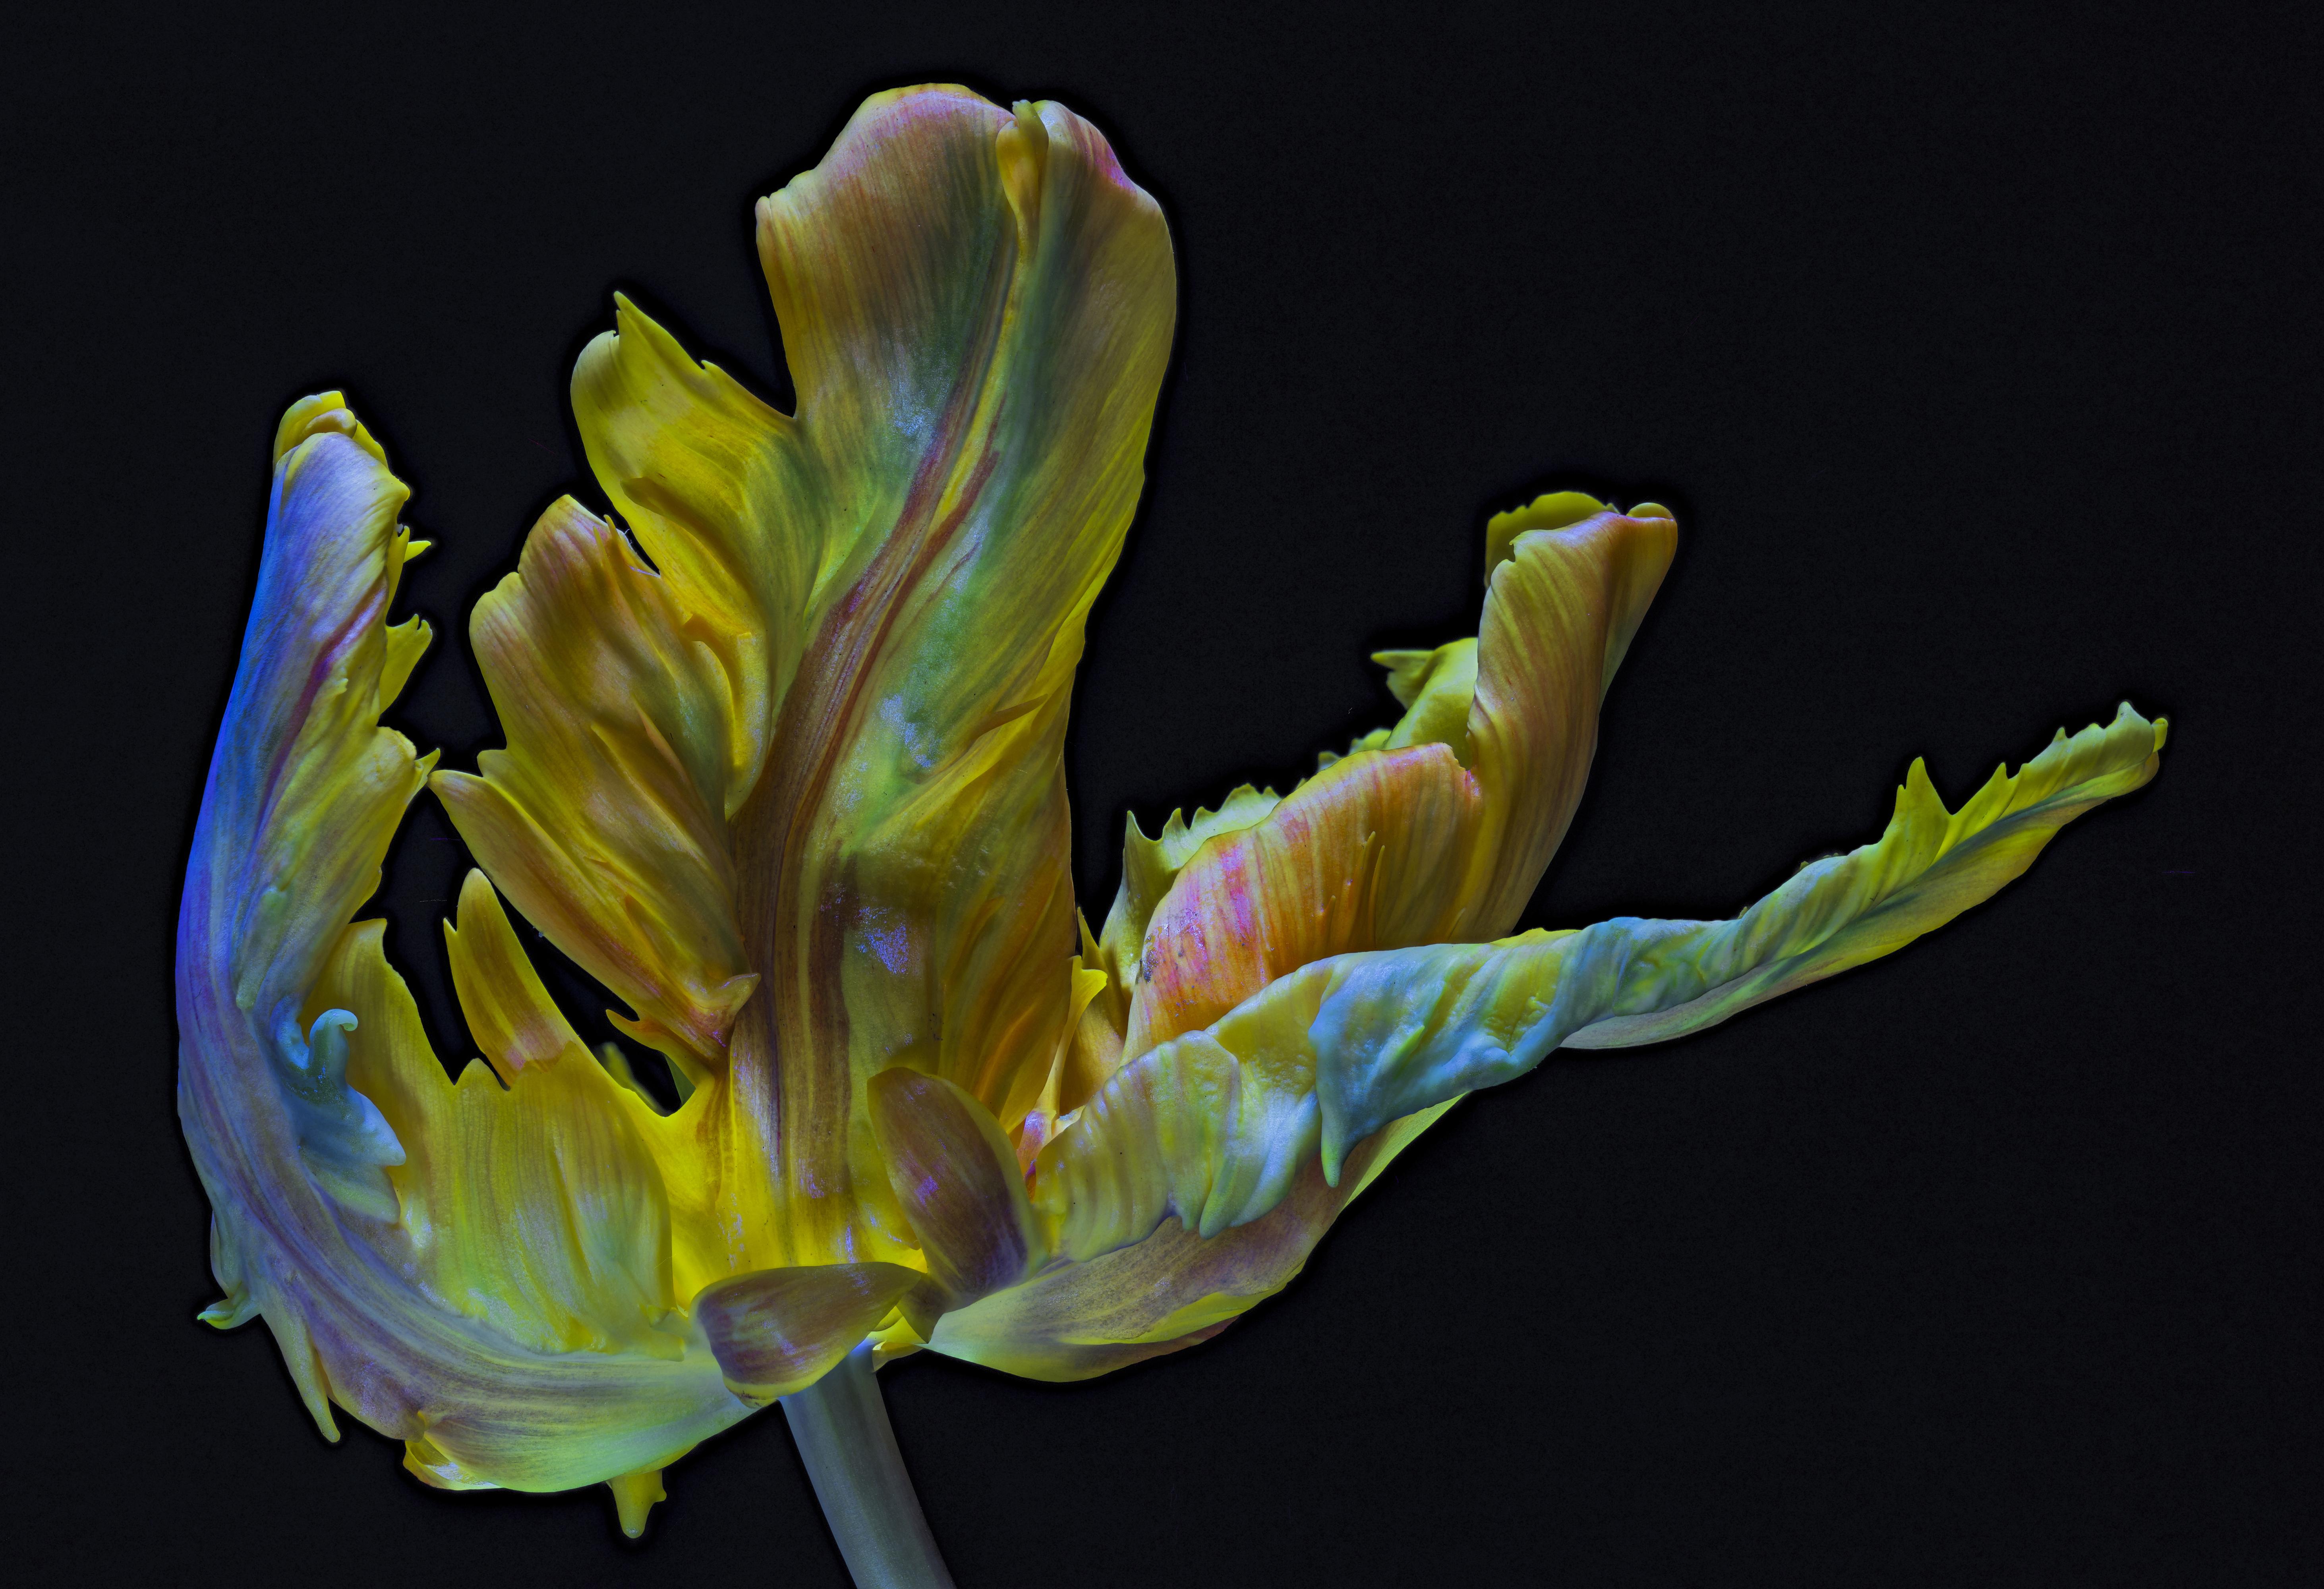 Обои для рабочего стола Parrot Tulip тюльпан Цветы вблизи на черном фоне 5850x4000 Тюльпаны цветок Черный фон Крупным планом